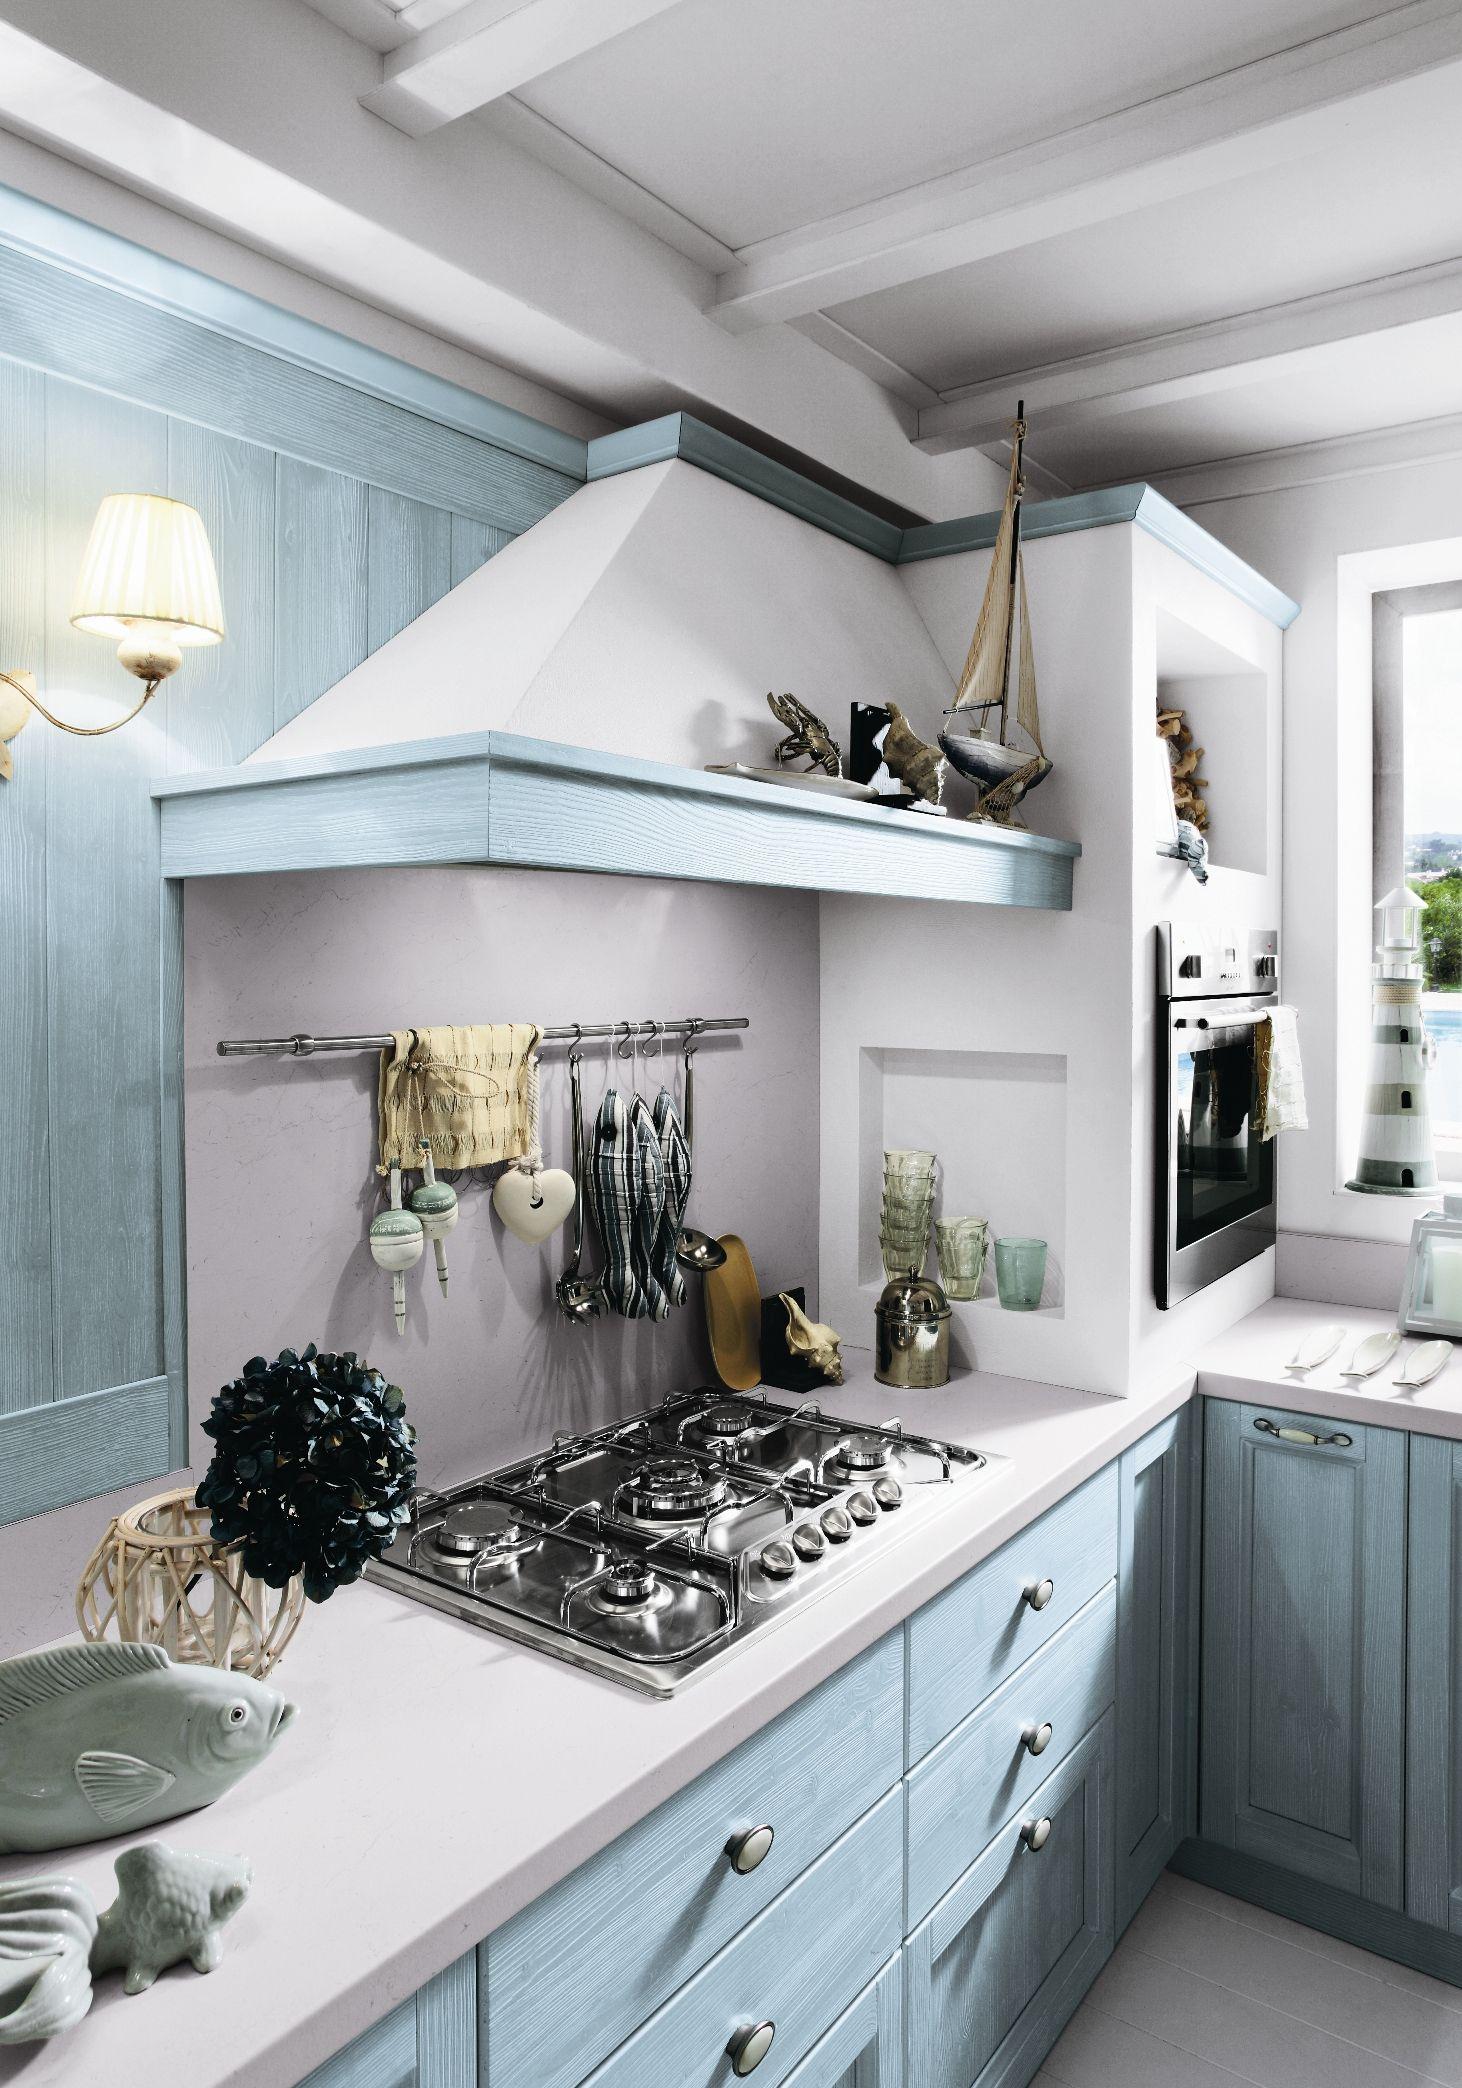 Country isola cucina decorazione - Callesella cucine prezzi ...